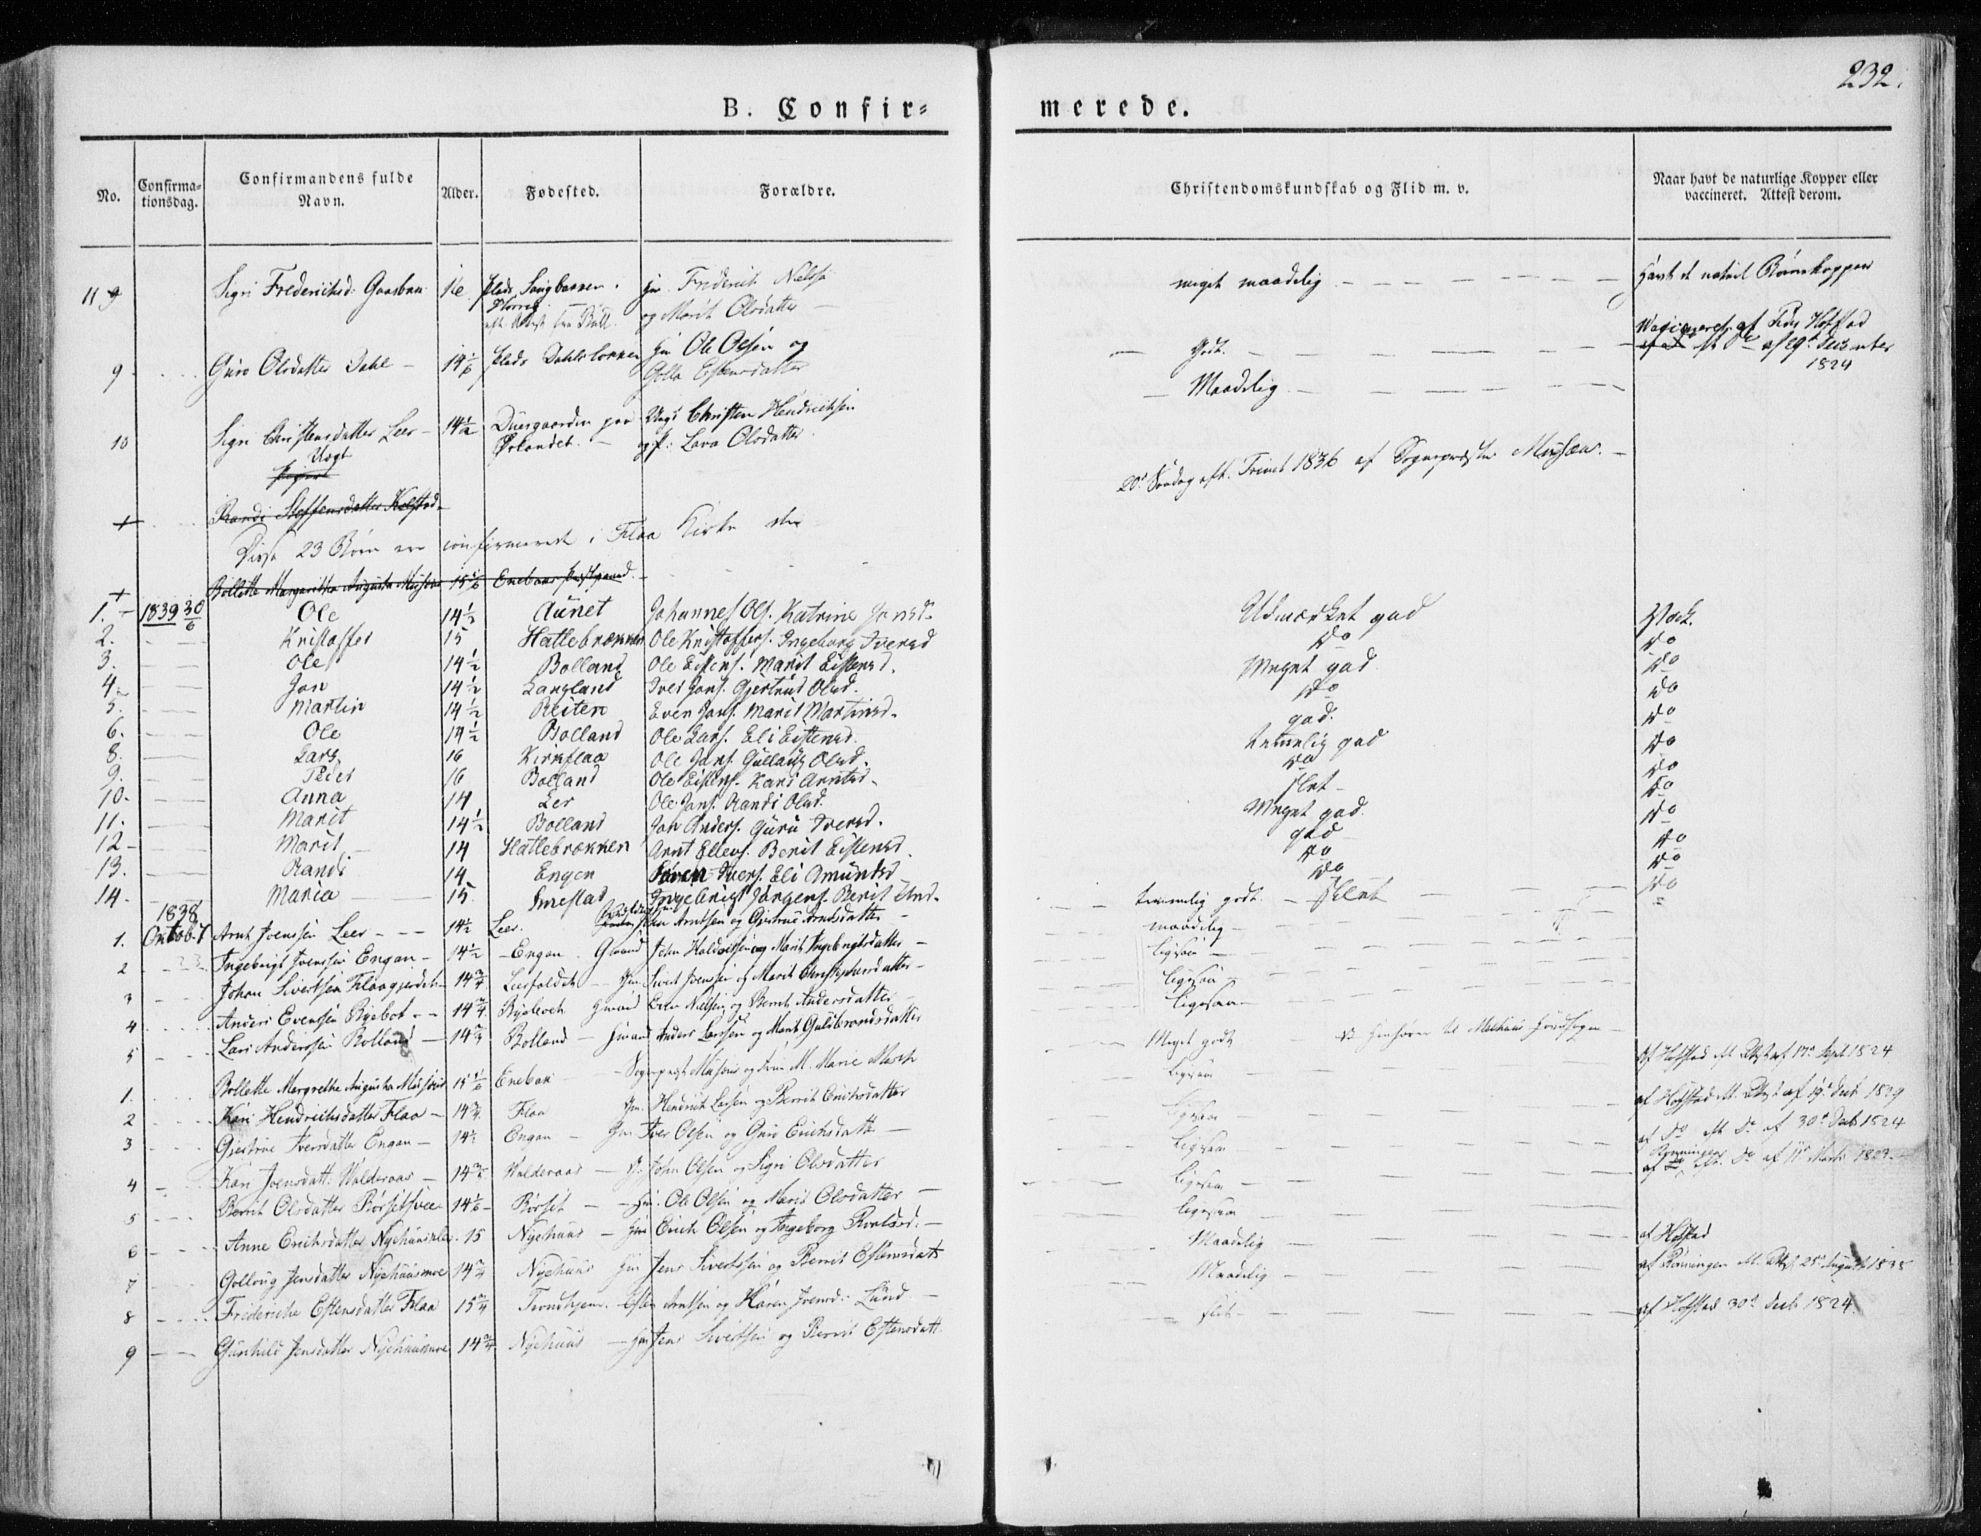 SAT, Ministerialprotokoller, klokkerbøker og fødselsregistre - Sør-Trøndelag, 691/L1069: Ministerialbok nr. 691A04, 1826-1841, s. 232